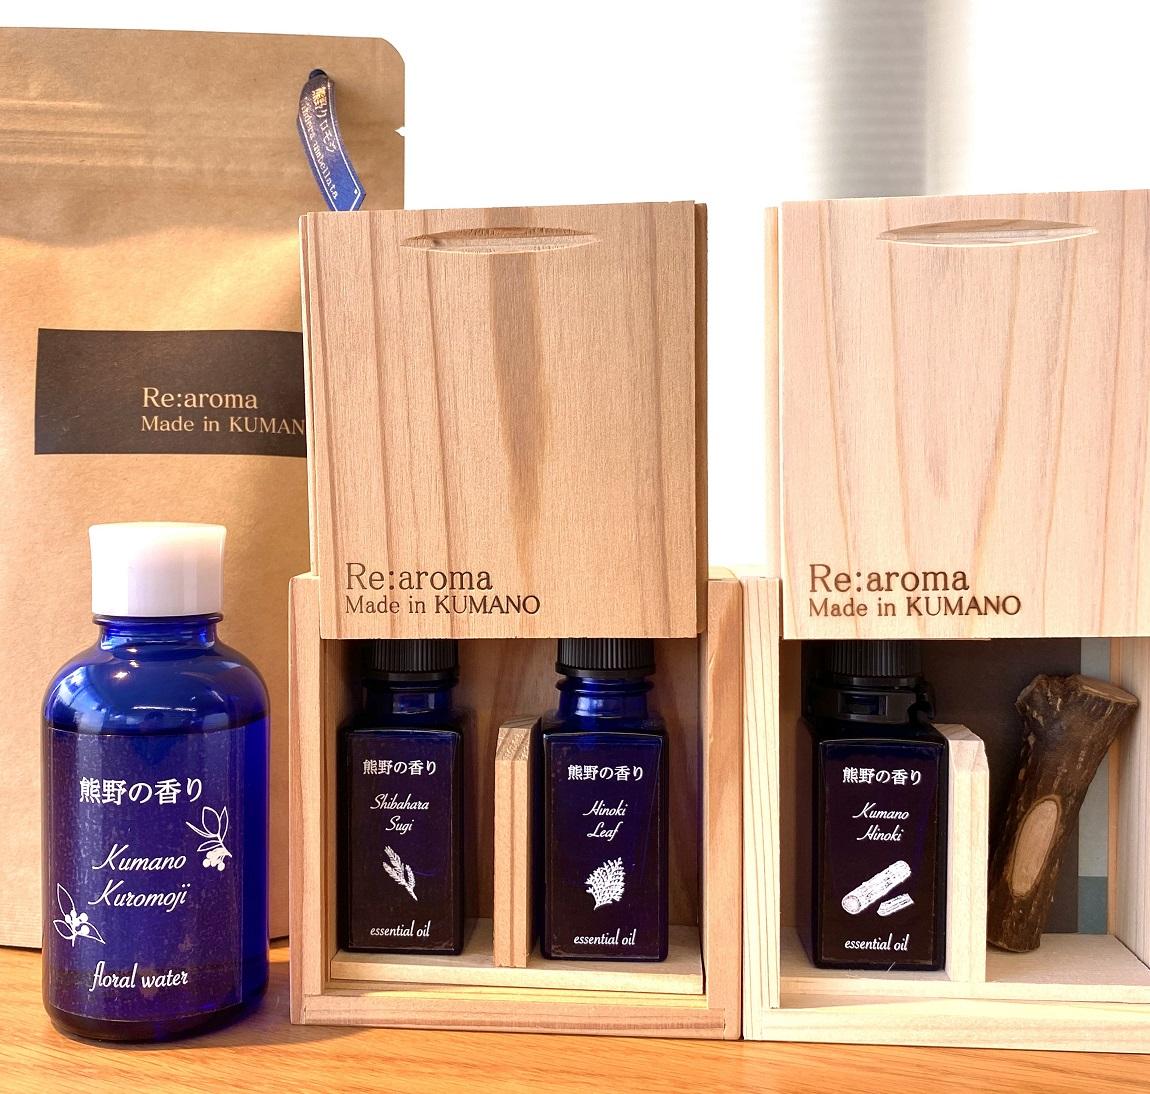 【ふるさと納税】熊野の香り 香りくらべ セット 精油 アロマオイル